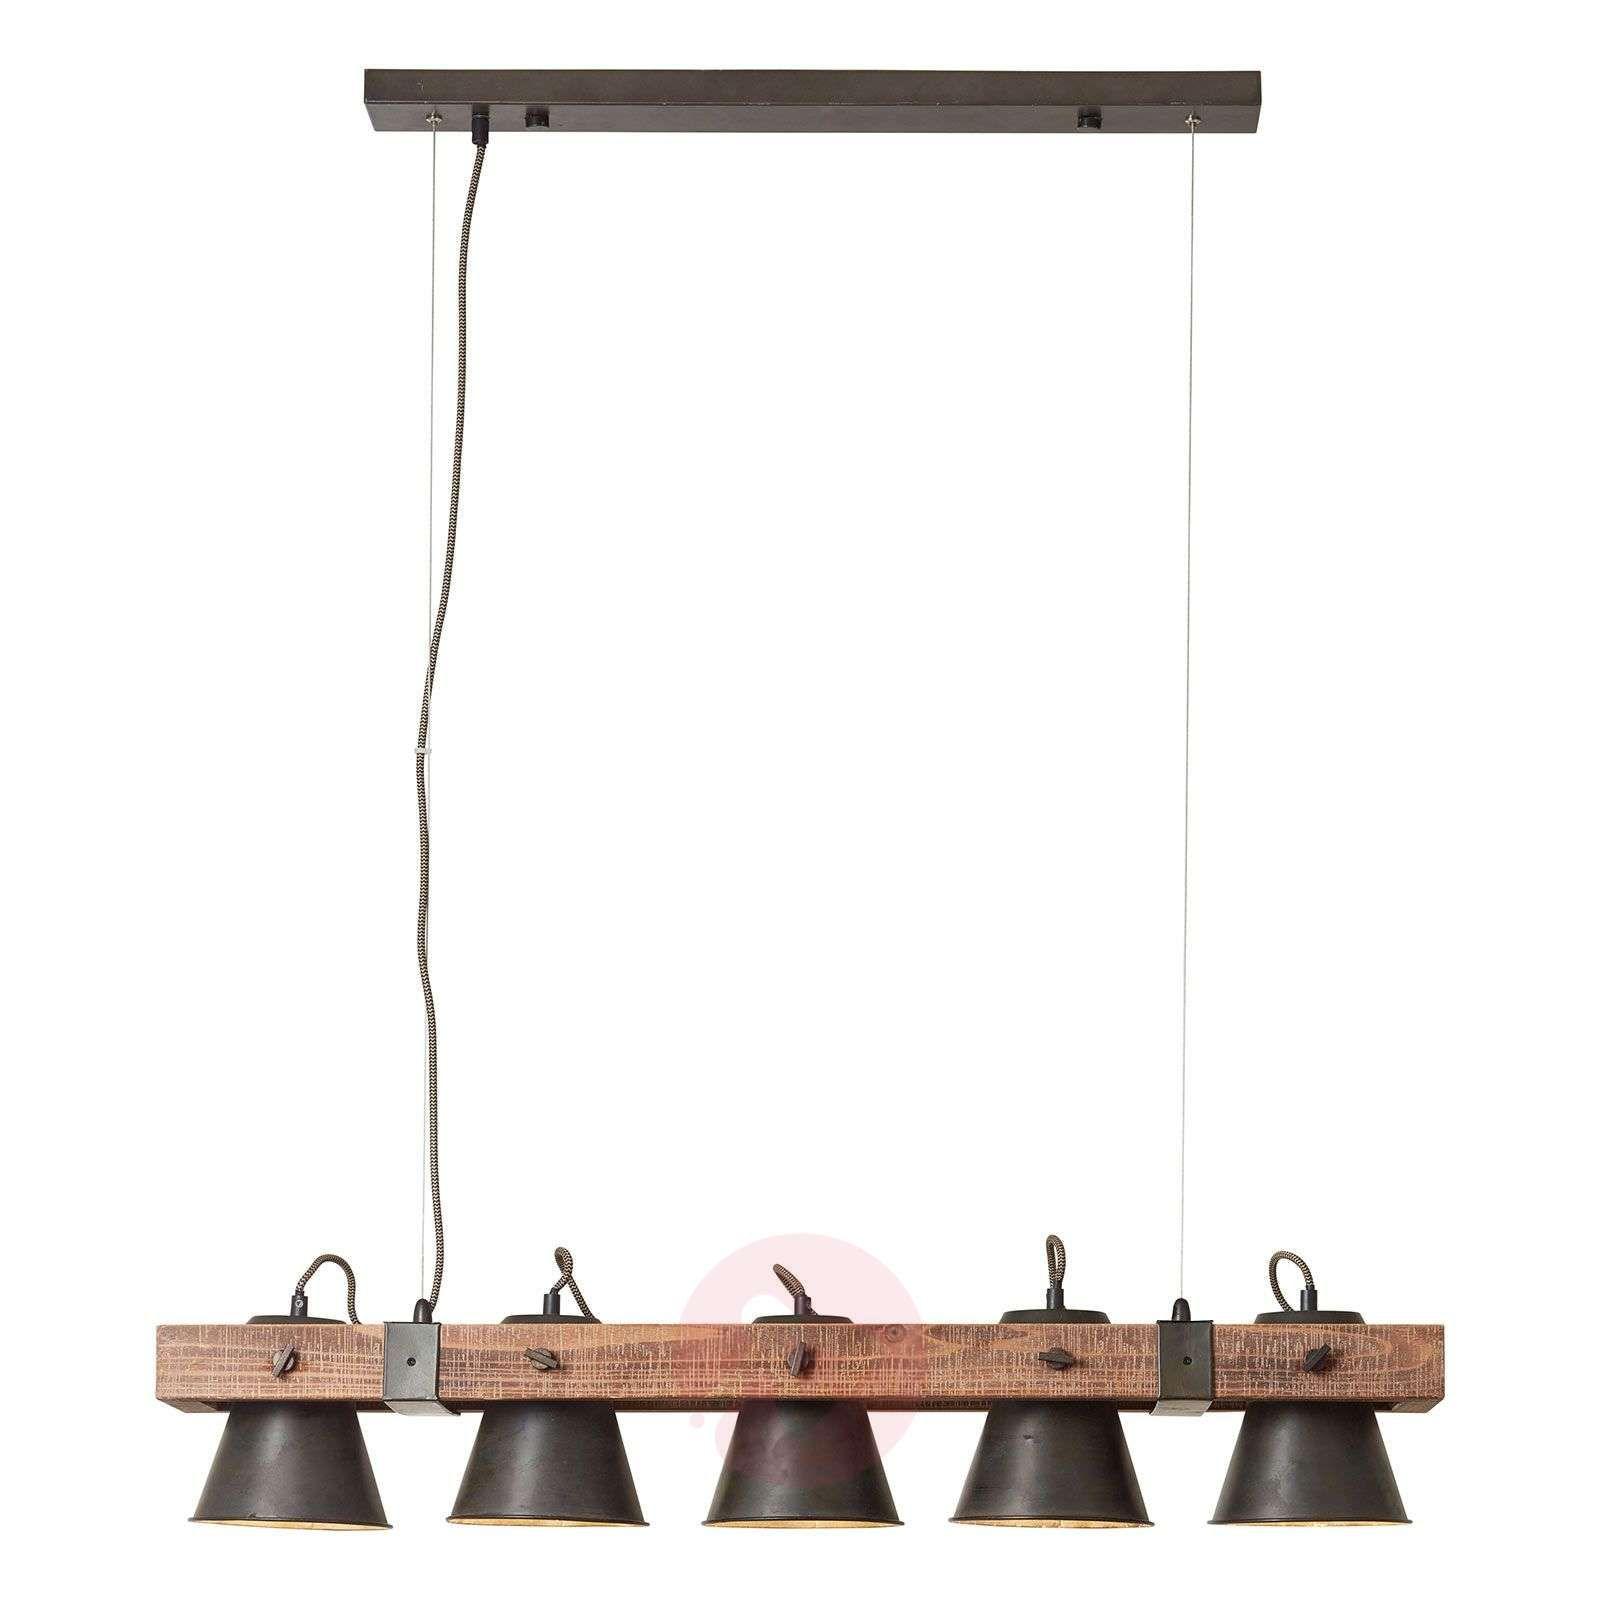 Lampa wisząca Plow 5 punktowa czarnaciemne drewno | Madera